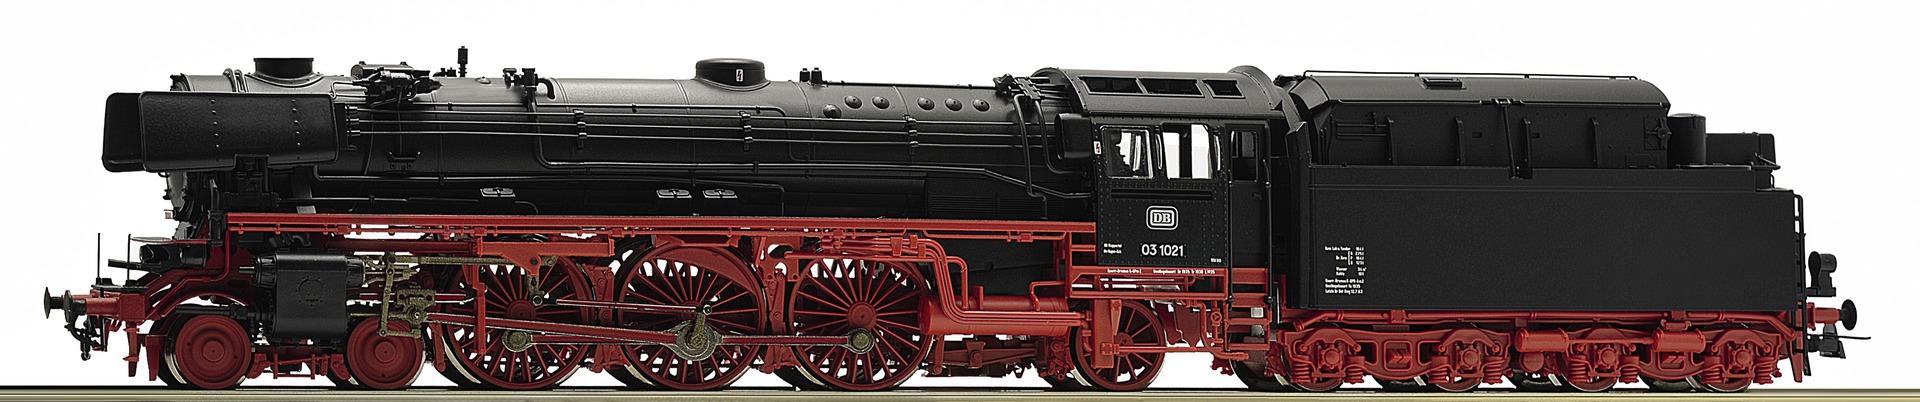 Roco72205 BR03 DR museum edition